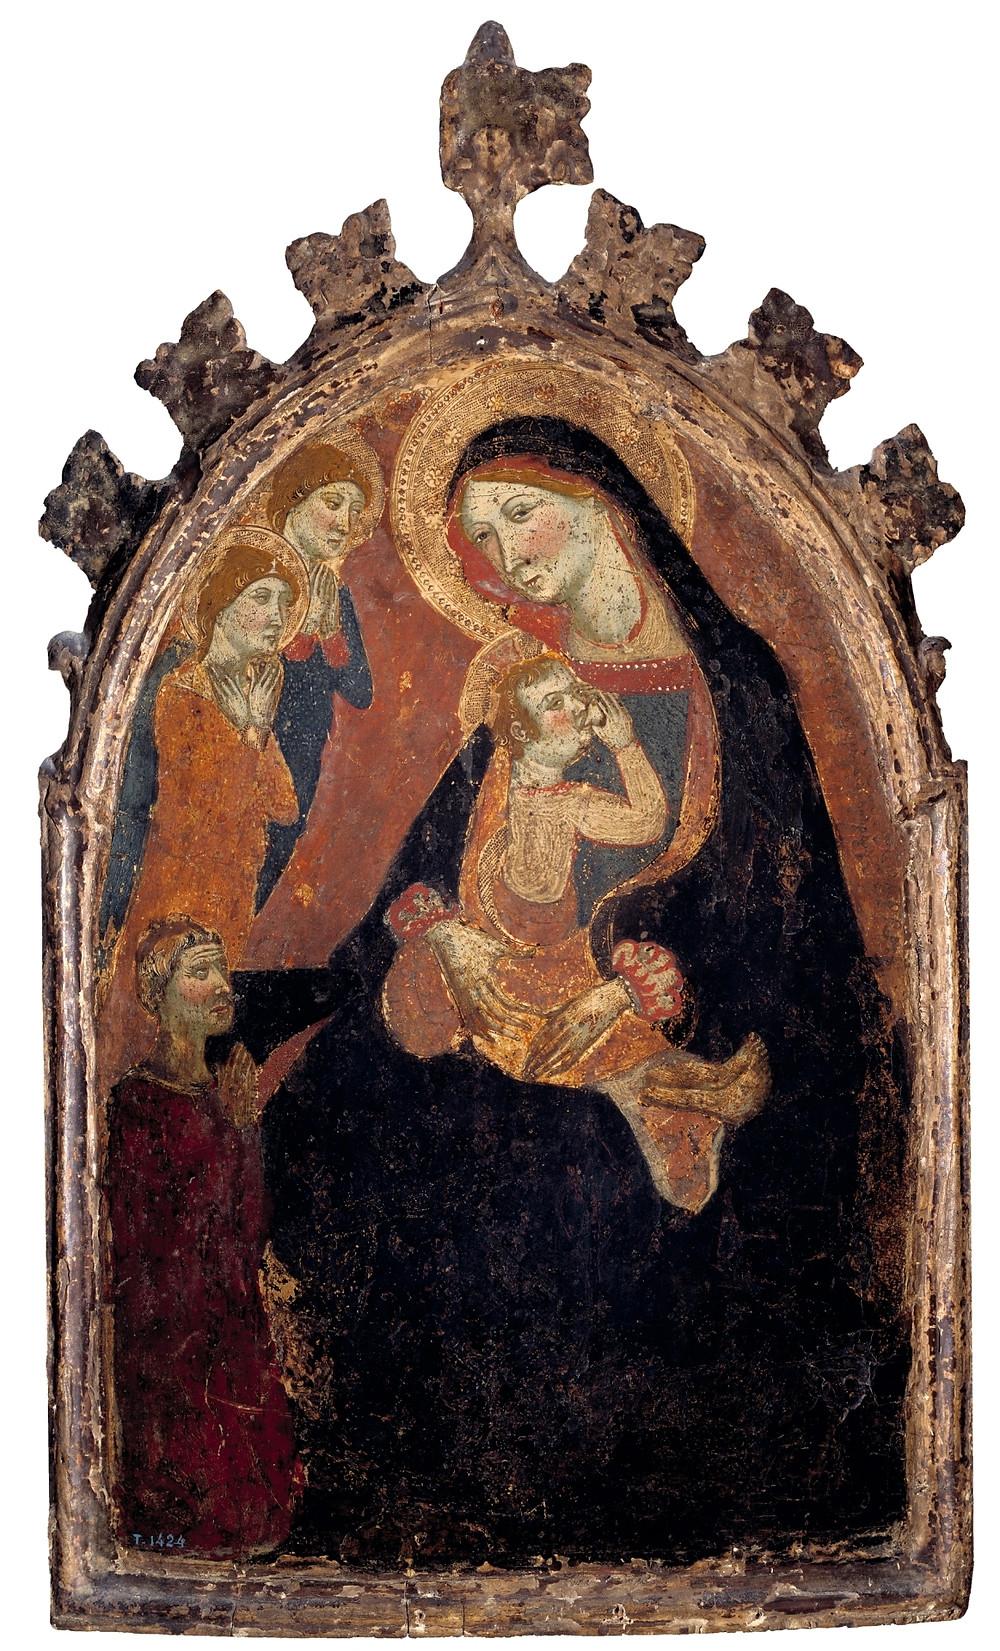 La Virgen de la Humildad con donante. Serra, hermanos, y Destorrens, Ramón (atribuido a ambos). Museo del Prado. Tabla s. XIV.